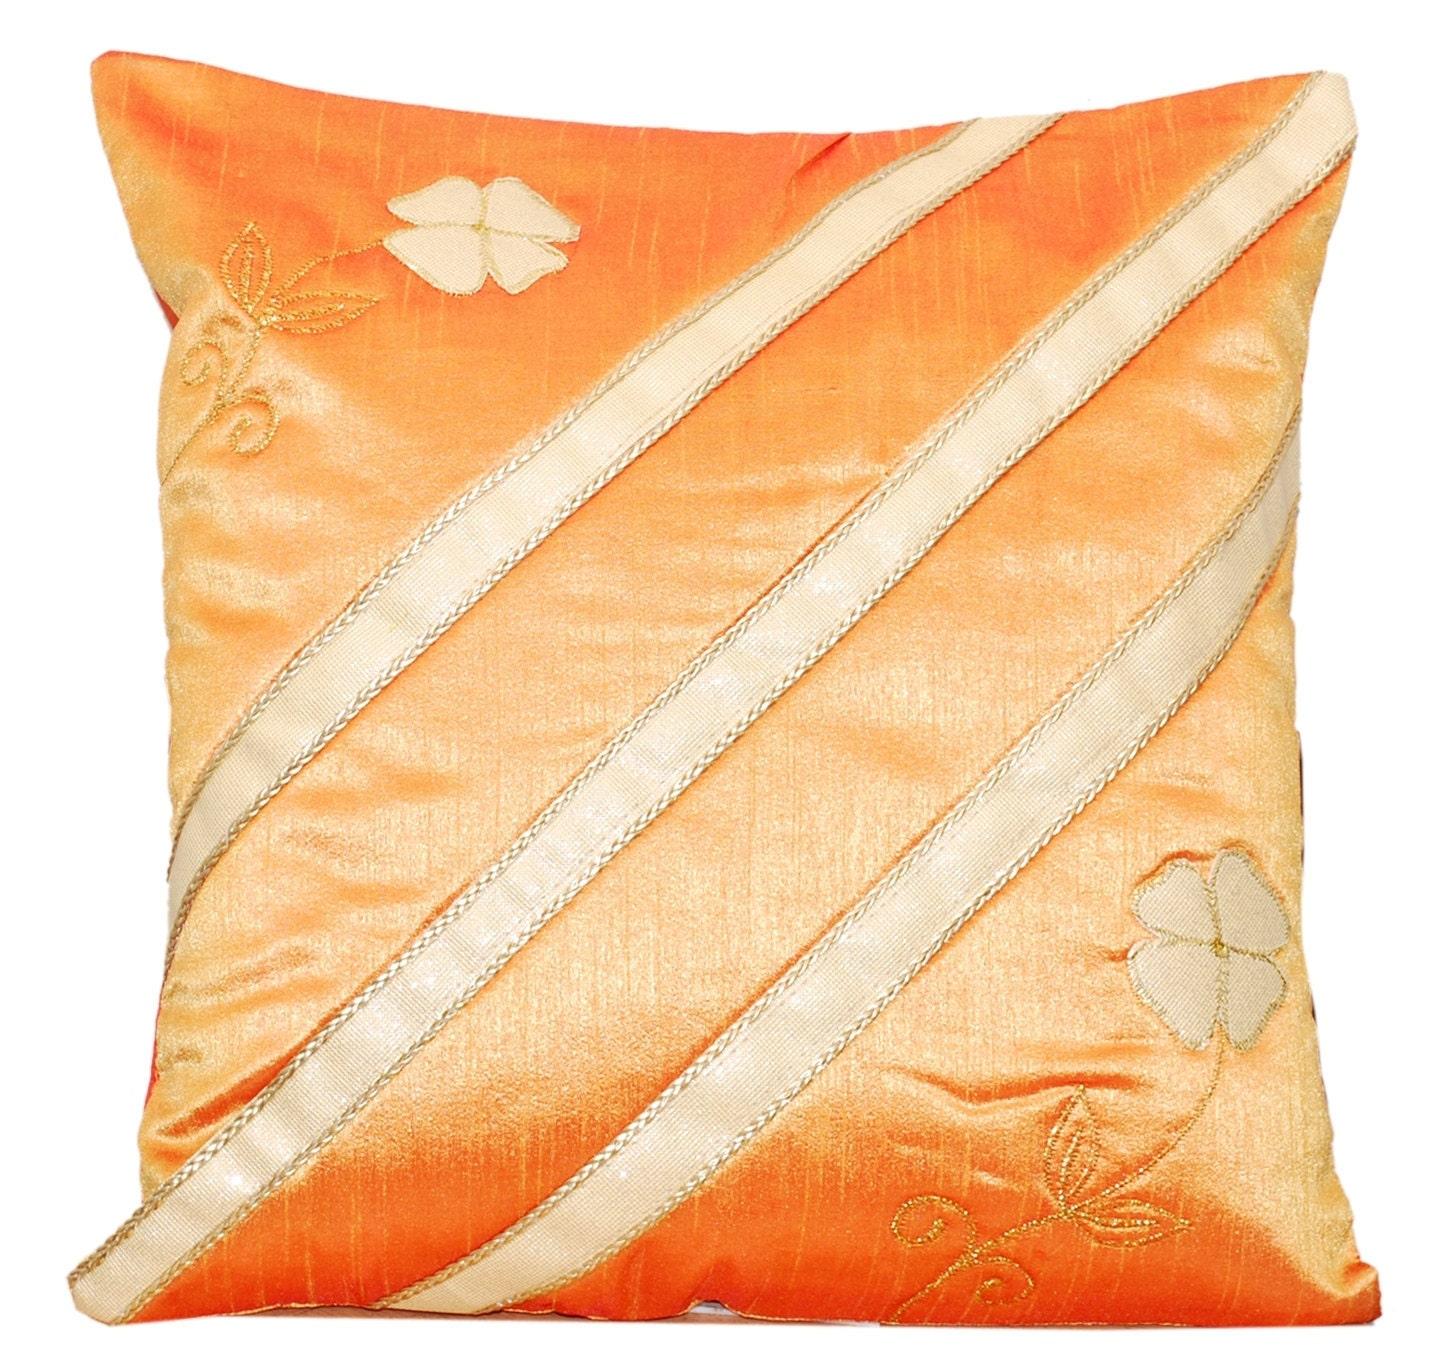 Throw Pillow Orange : Orange Throw Pillow Orange Pillow Decorative Throw Pillow